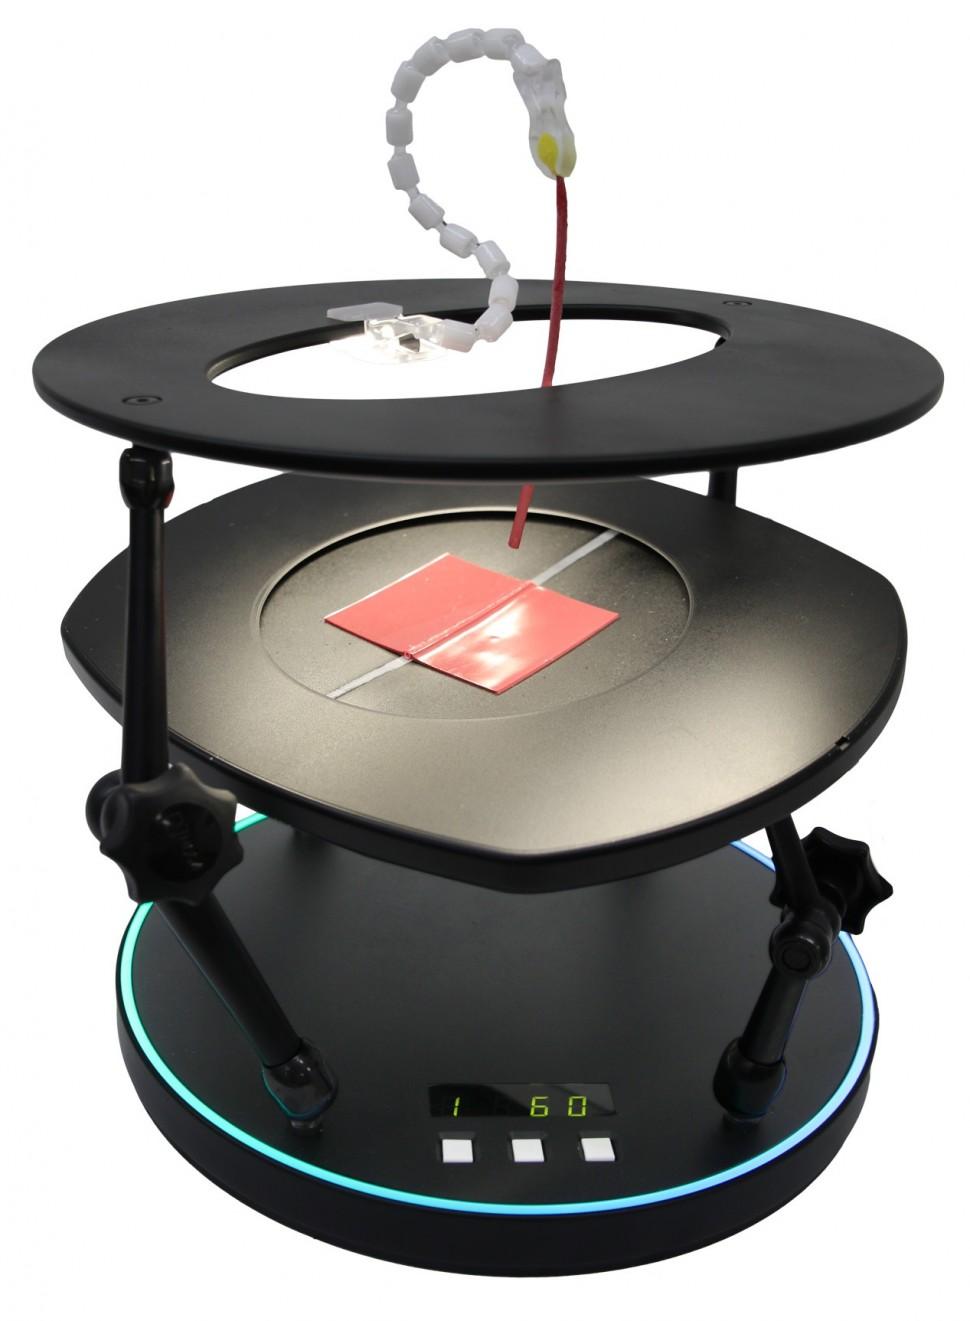 心臓手術訓練シミュレータ「SupeR BEAT」(プロトタイプ)